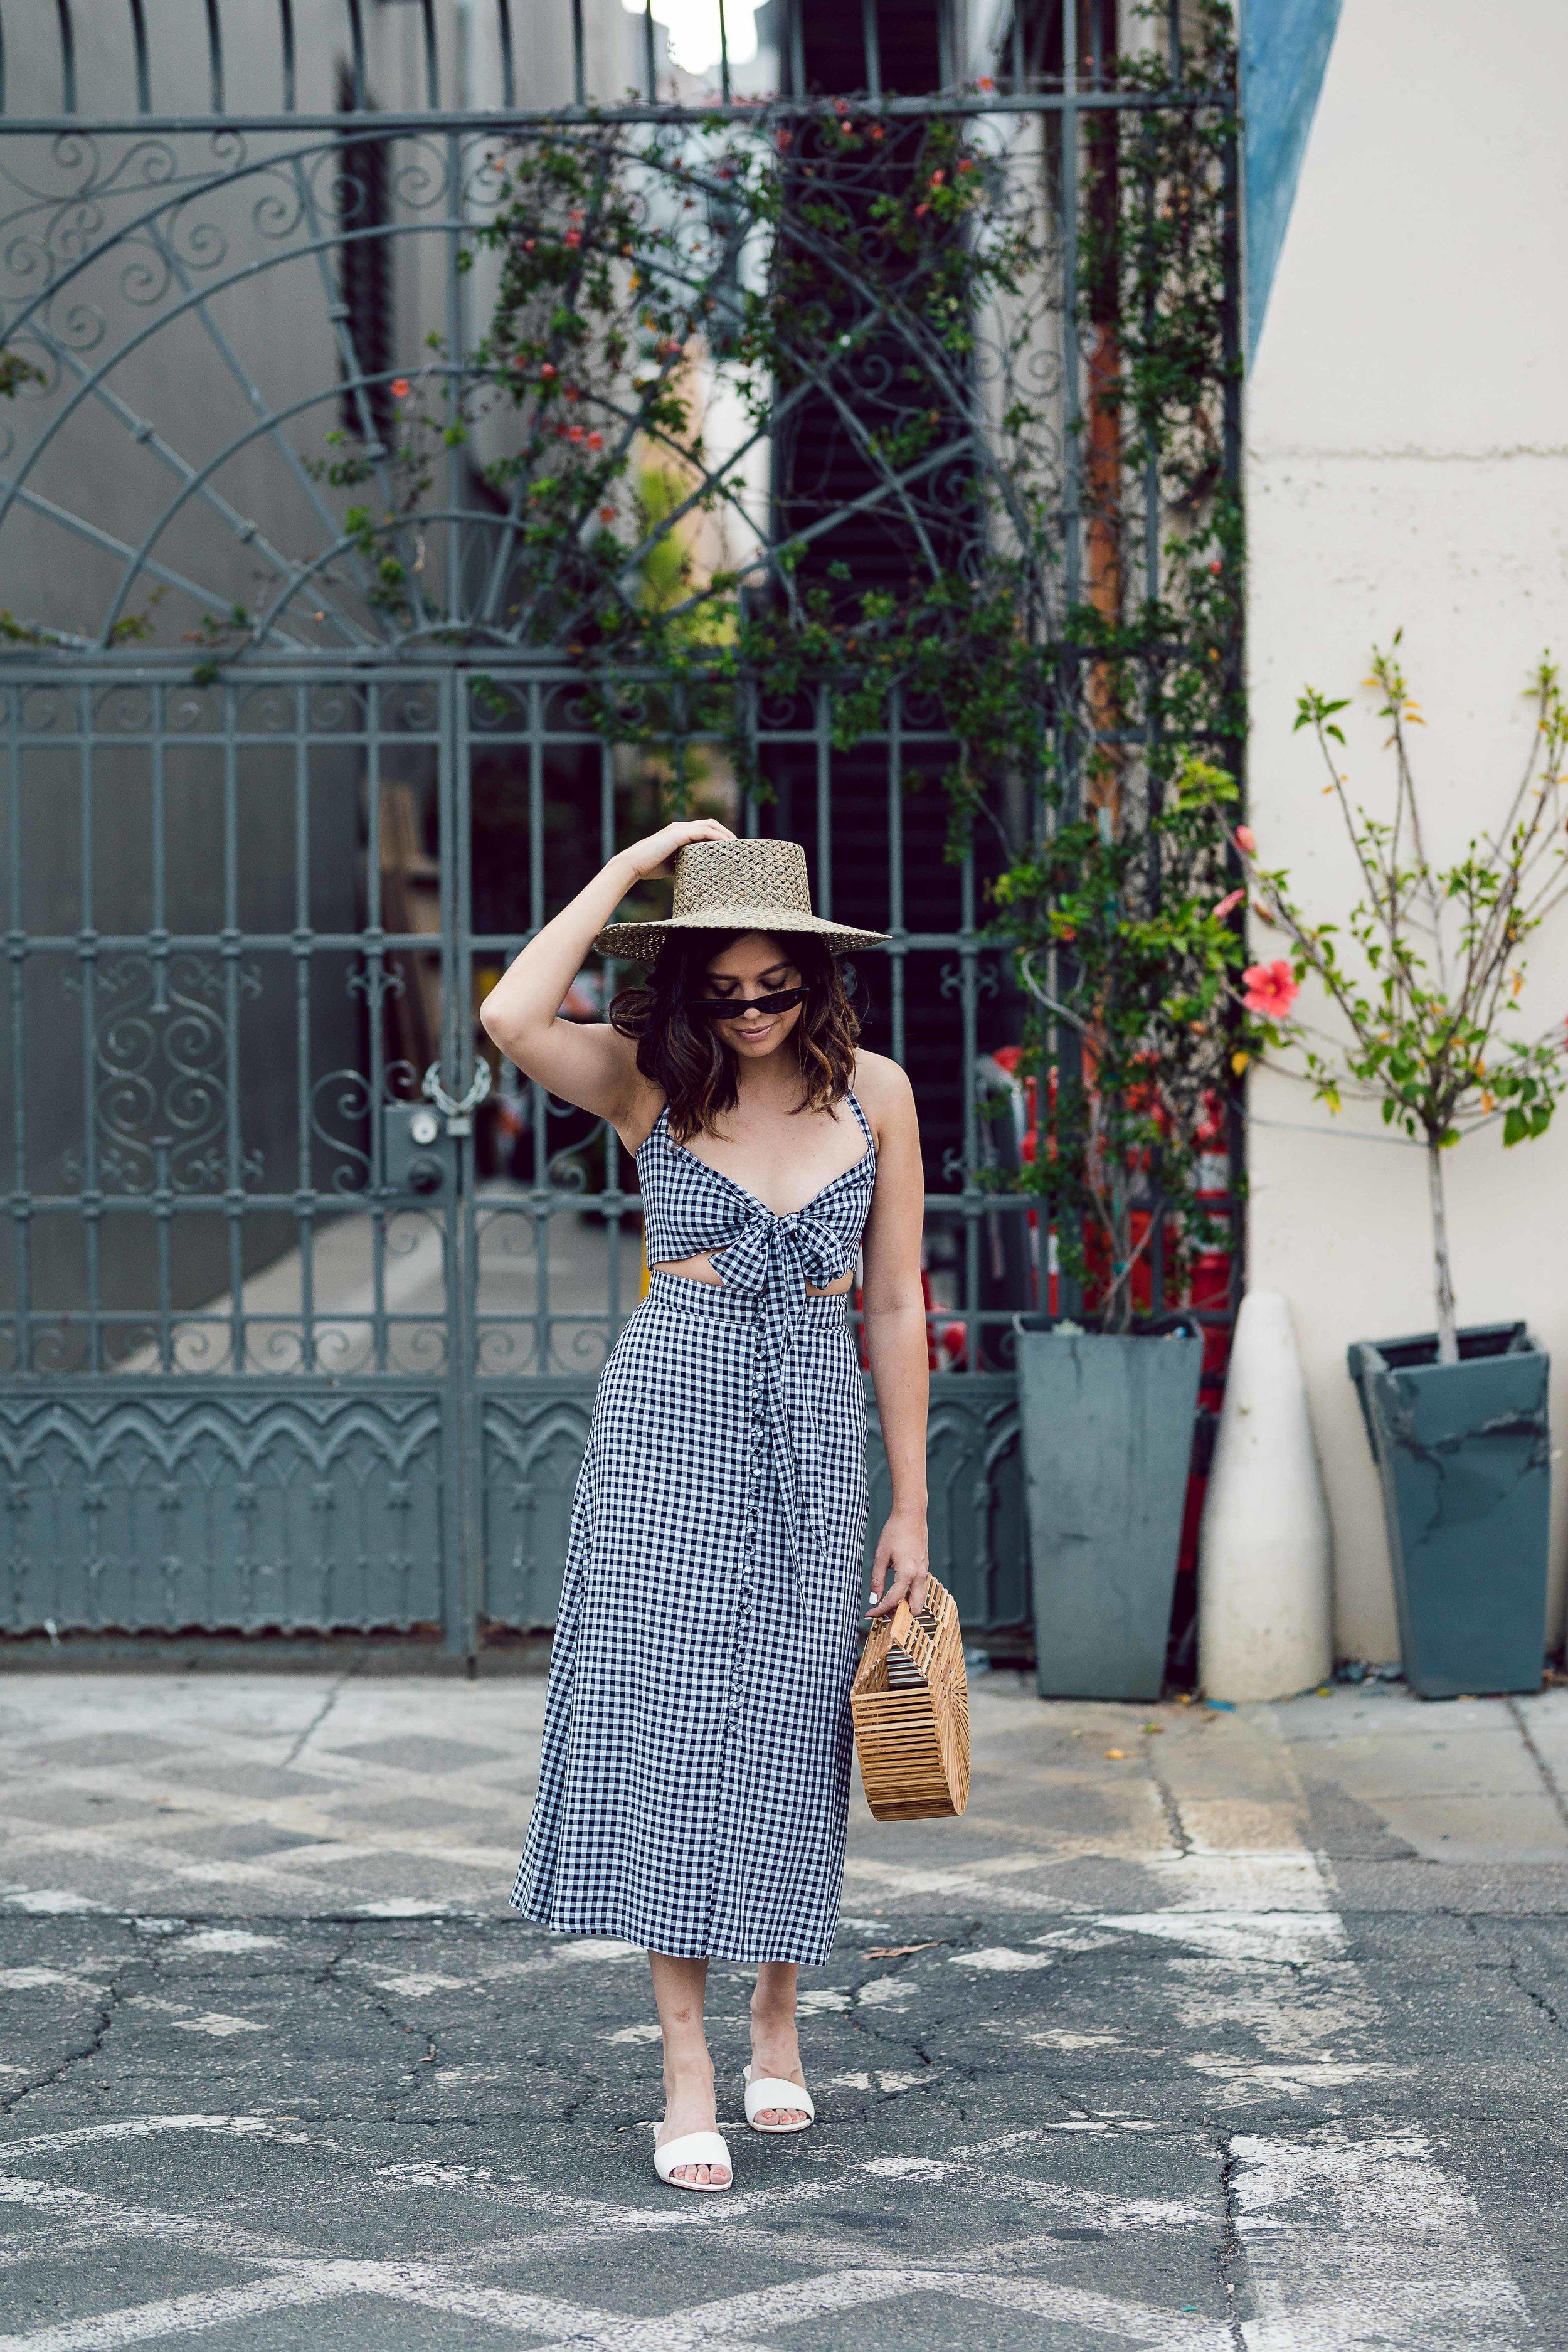 Rachel Off Duty: 8 Wearable Summer Trends